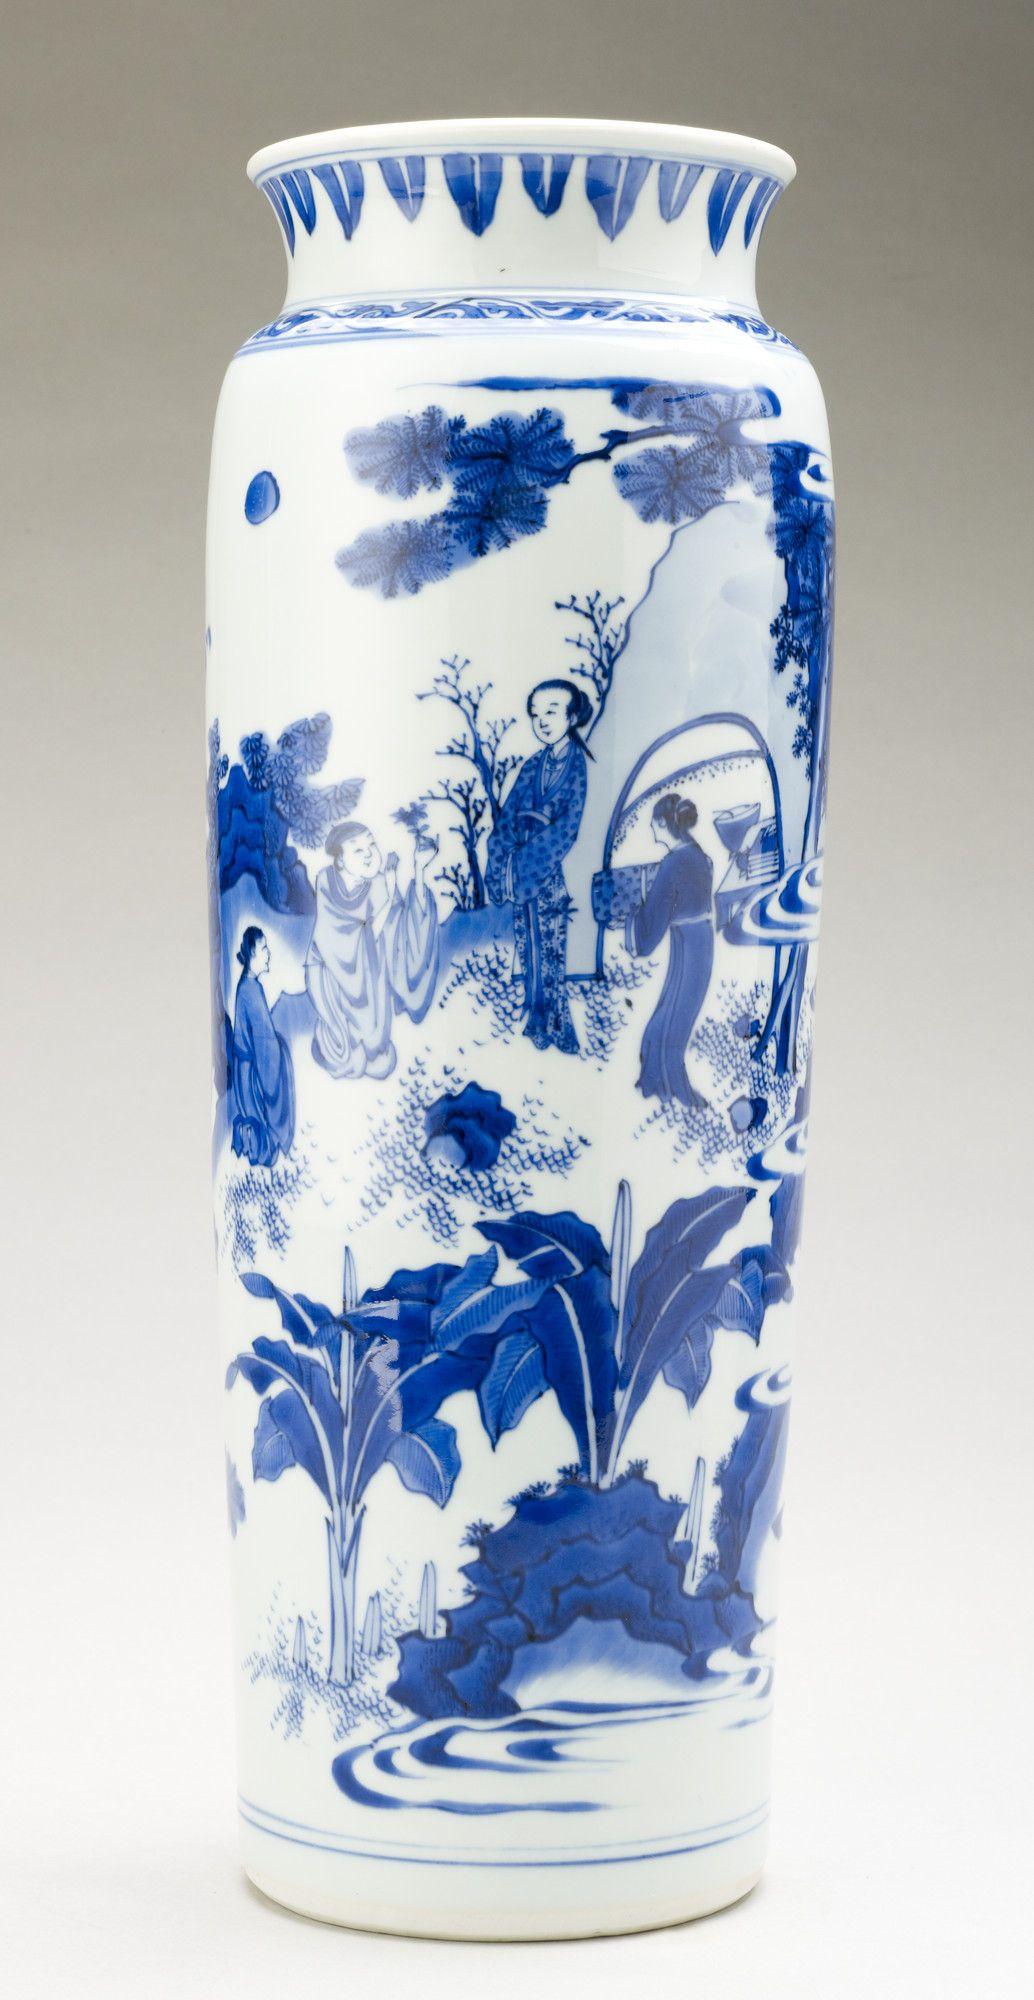 chinese porcelain rolwagen vase 1660 bianco blu china blue china white vases. Black Bedroom Furniture Sets. Home Design Ideas